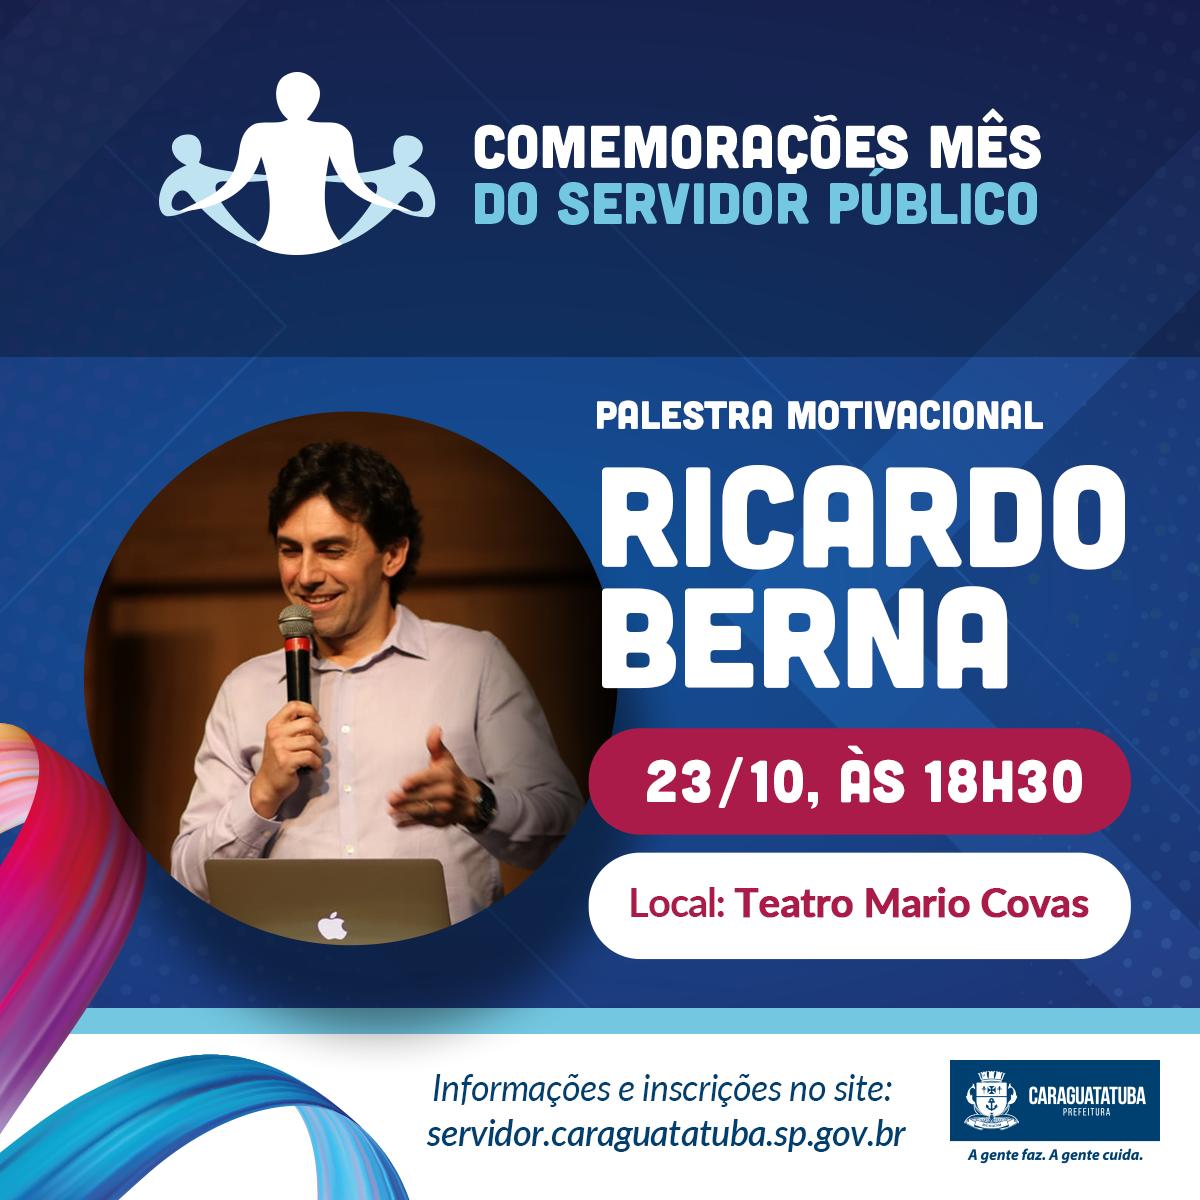 Palestra Motivacional Ricardo Berna Sympla